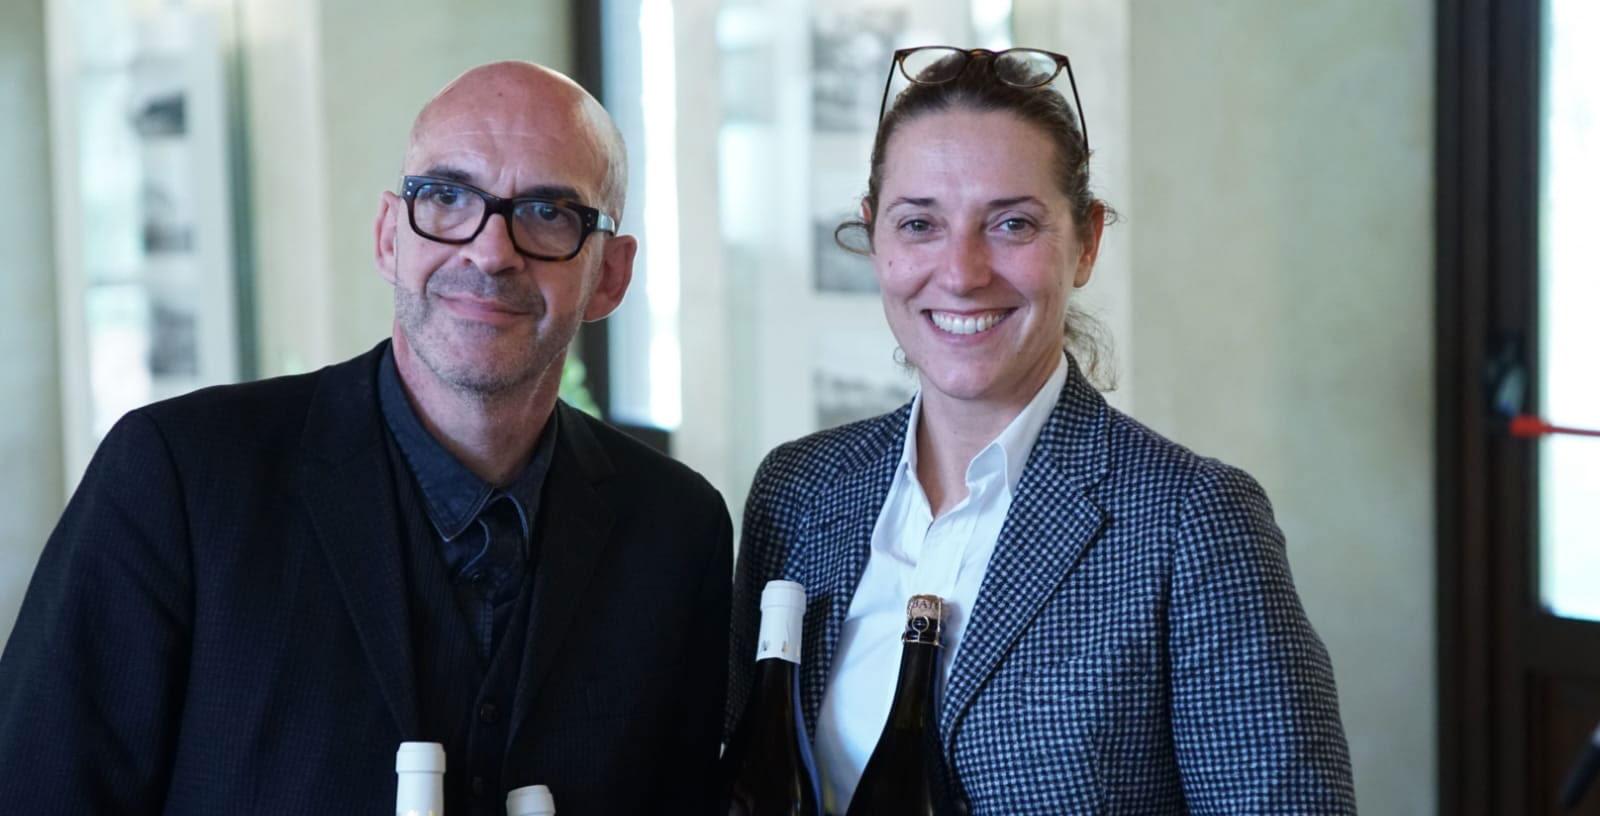 Sella and Mosca and Antonio Marras